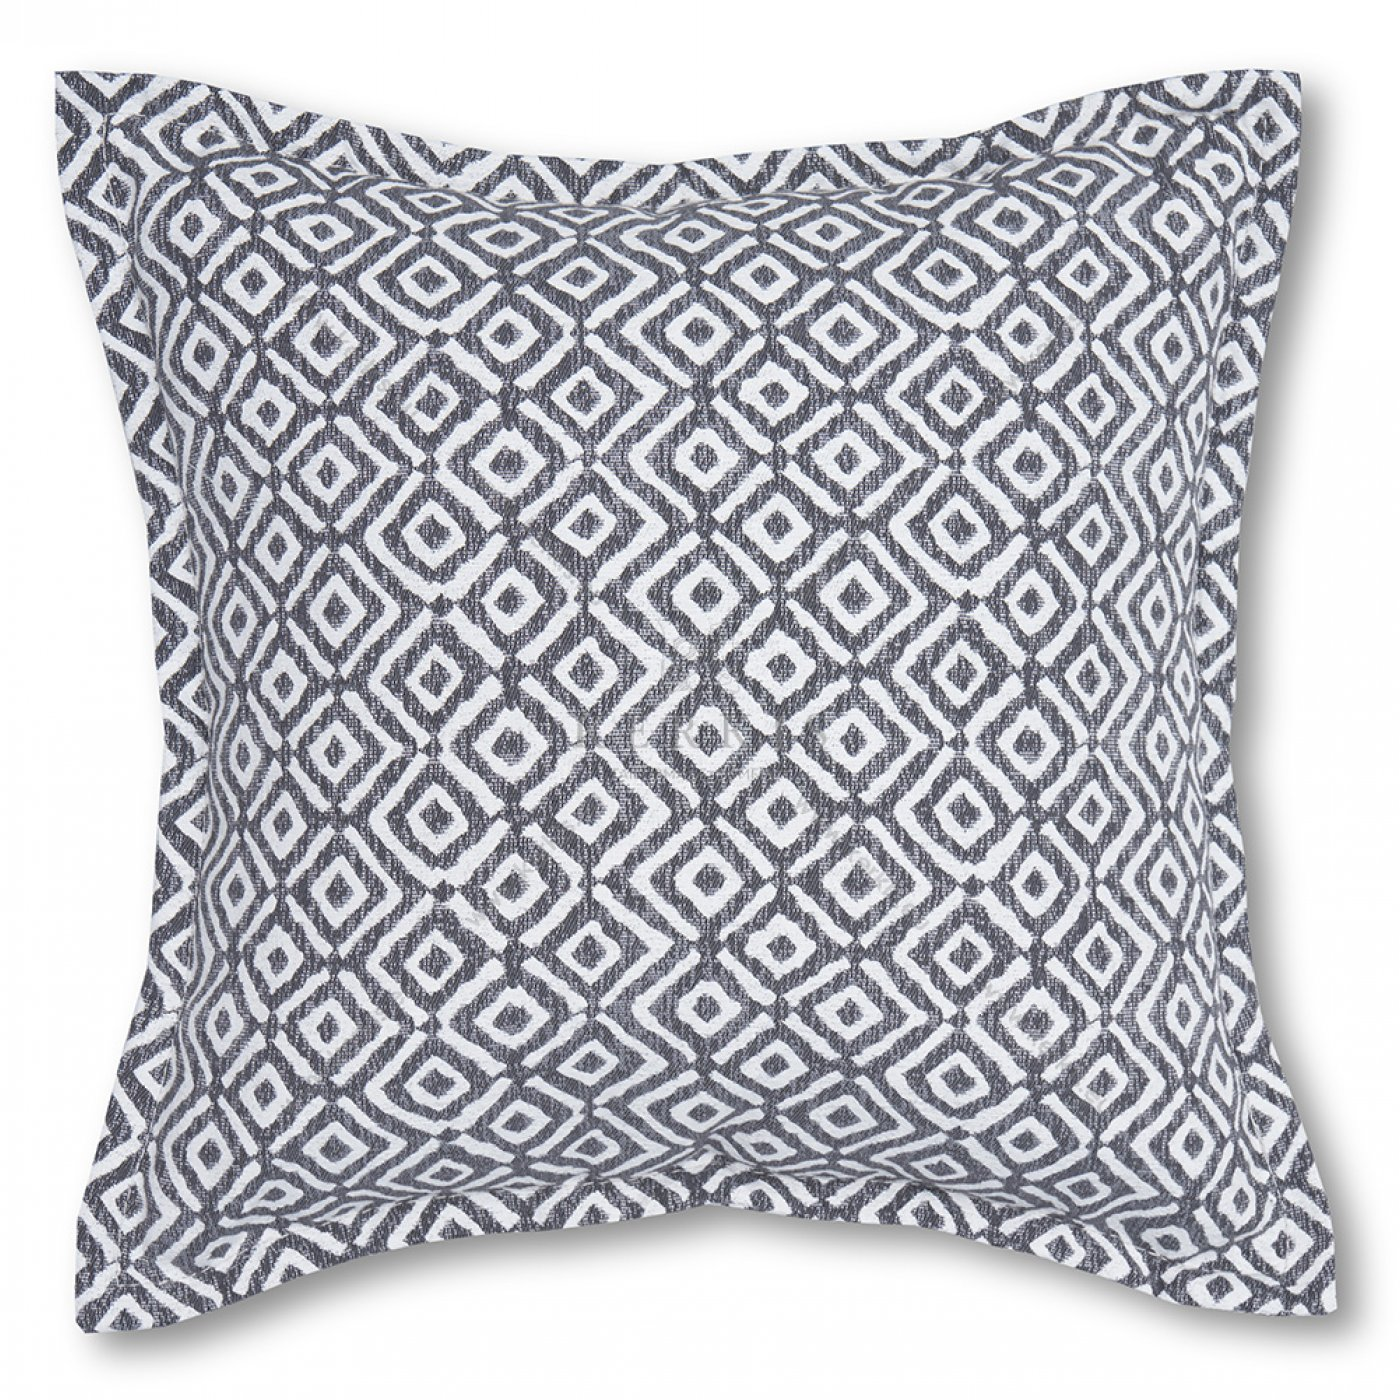 Διακοσμητικό μαξιλάρι καναπέ, χρώμα ανθρακί, ρόμβος